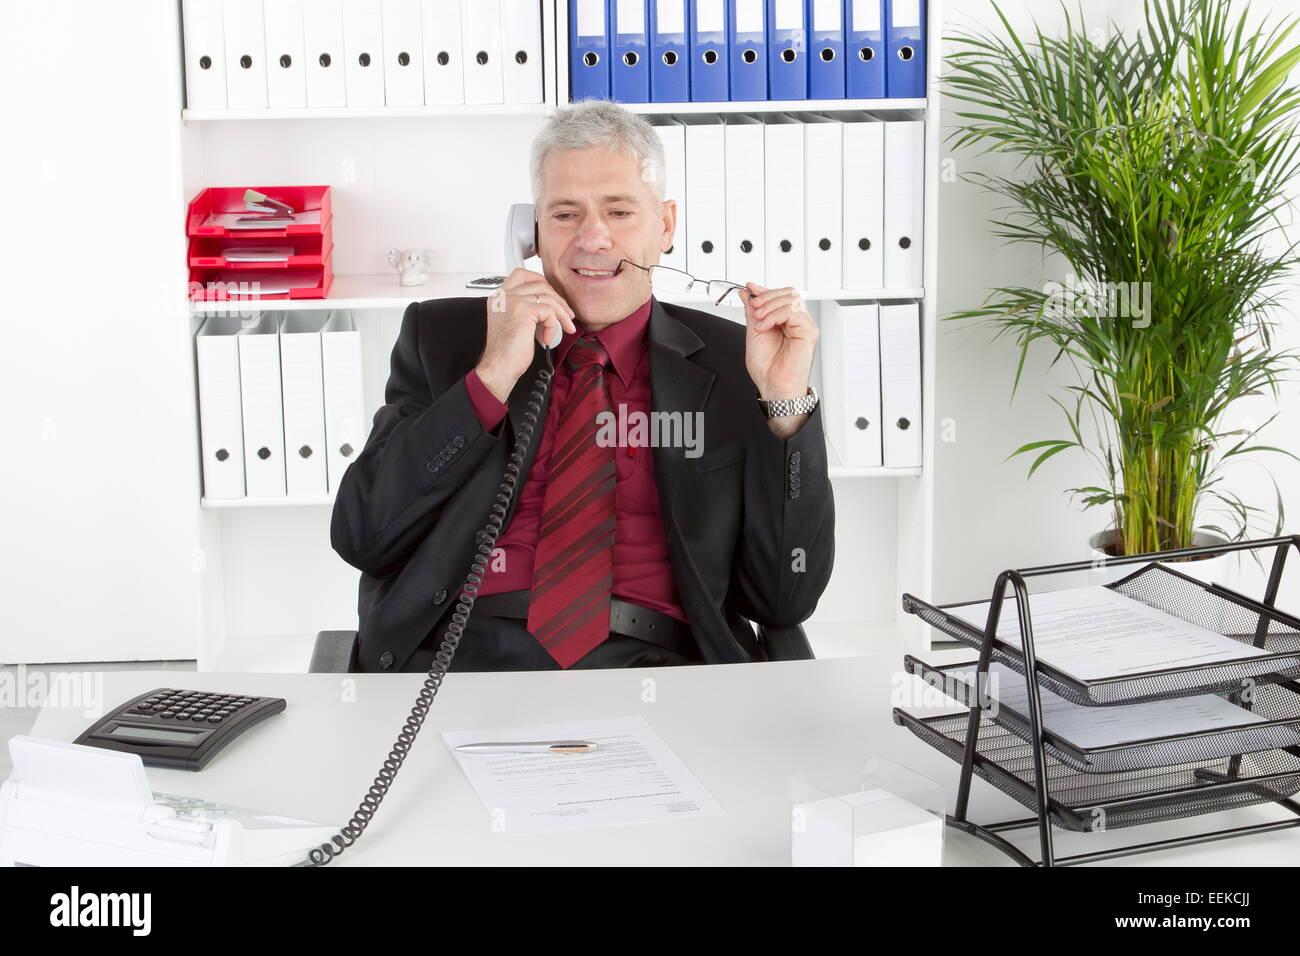 Mann mittleren Alters sitzt im Büro und telefoniert, Middle-aged man sitting in his office, telephoning - Stock Image